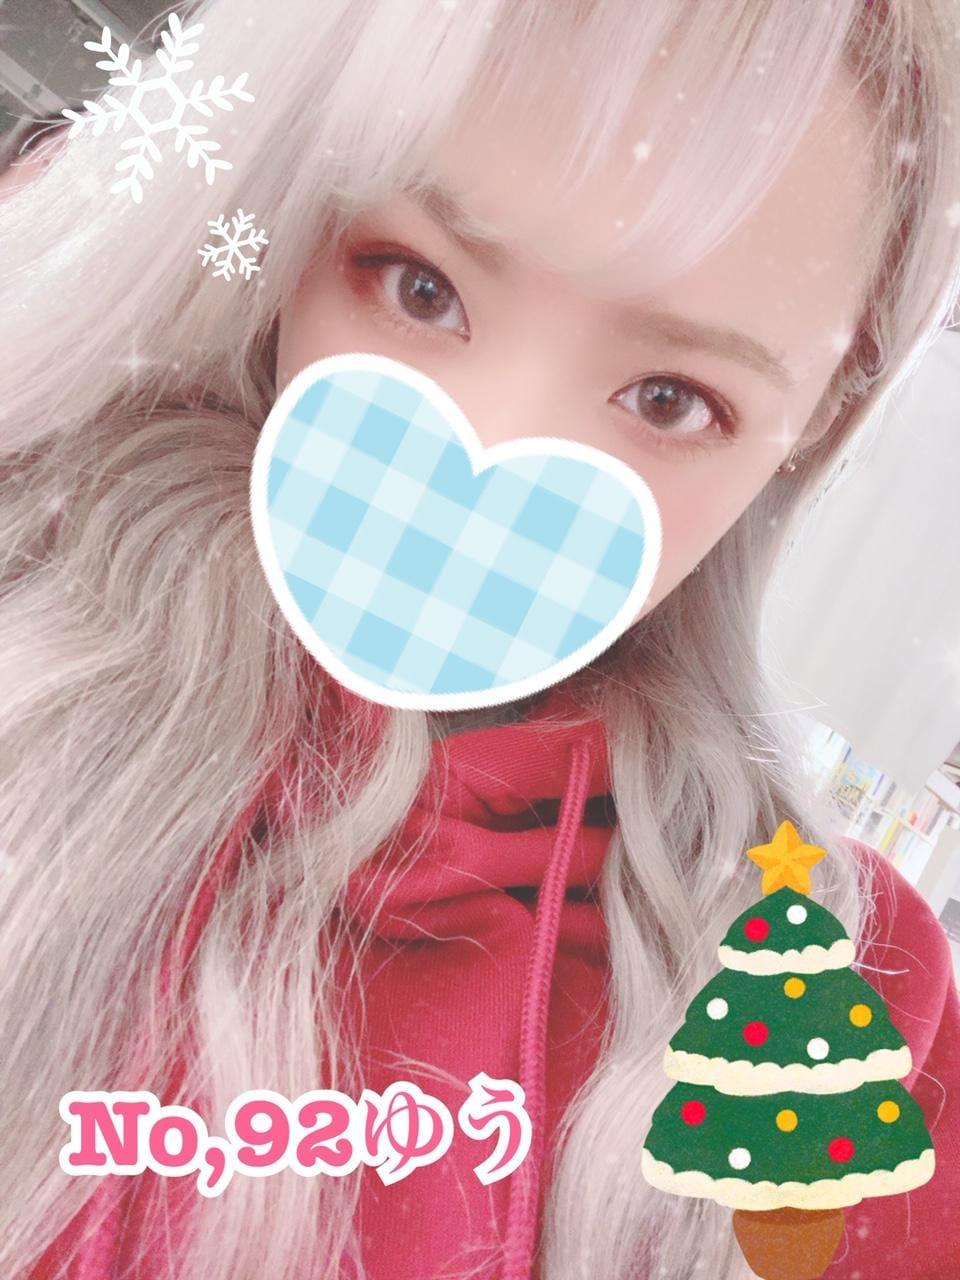 「♡メリクリ♡」12/24(火) 19:56 | ゆうの写メ・風俗動画